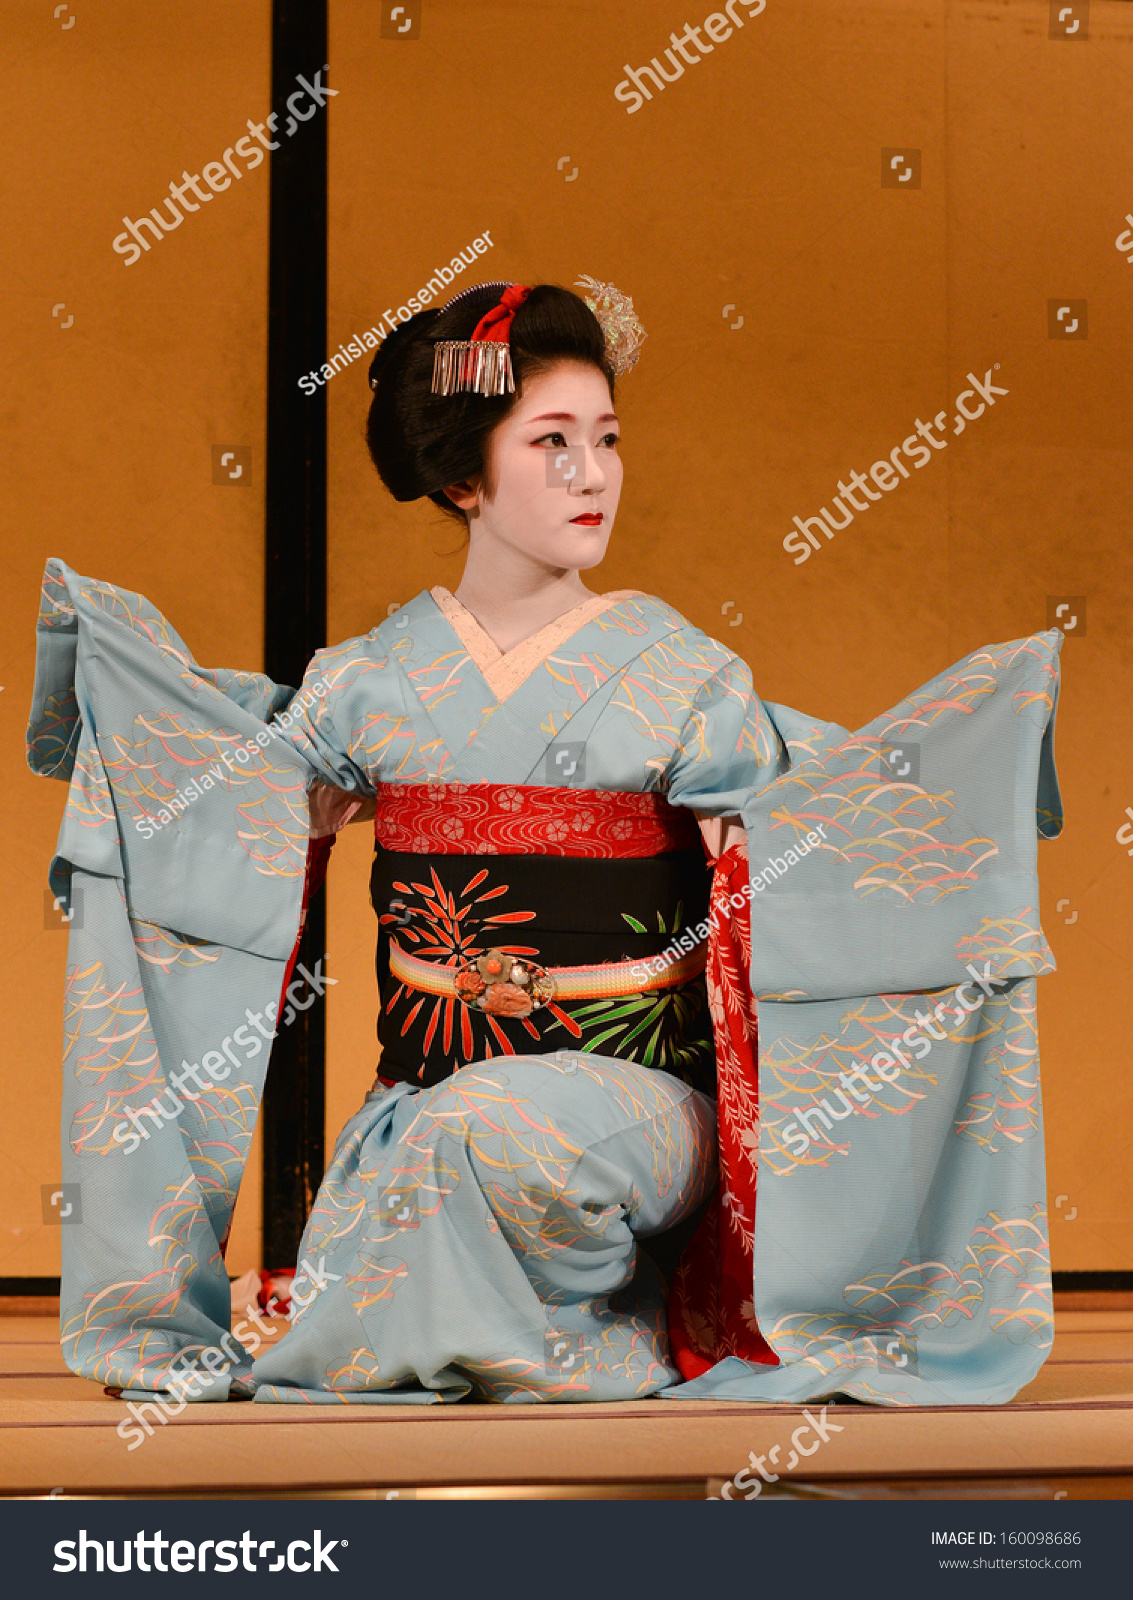 KYOTO, JAPAN Â?Â? AUGUST 13: Dancer dressed as geisha is performing